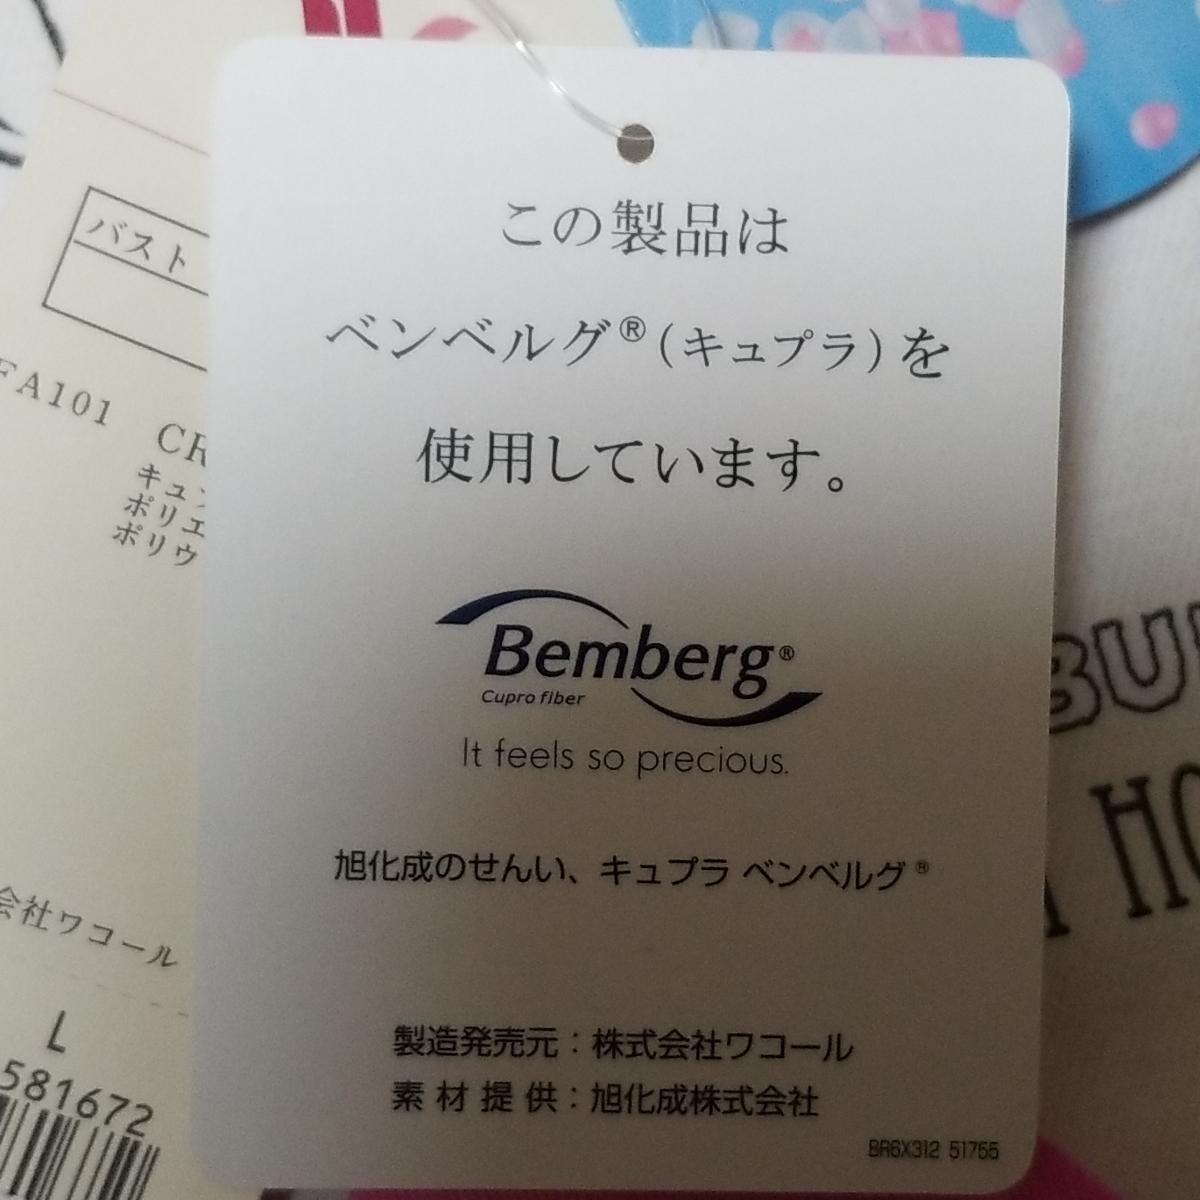 23-7 新品☆ワコール ブラジャー L ラクに美胸キープ!のゴコチ _画像3